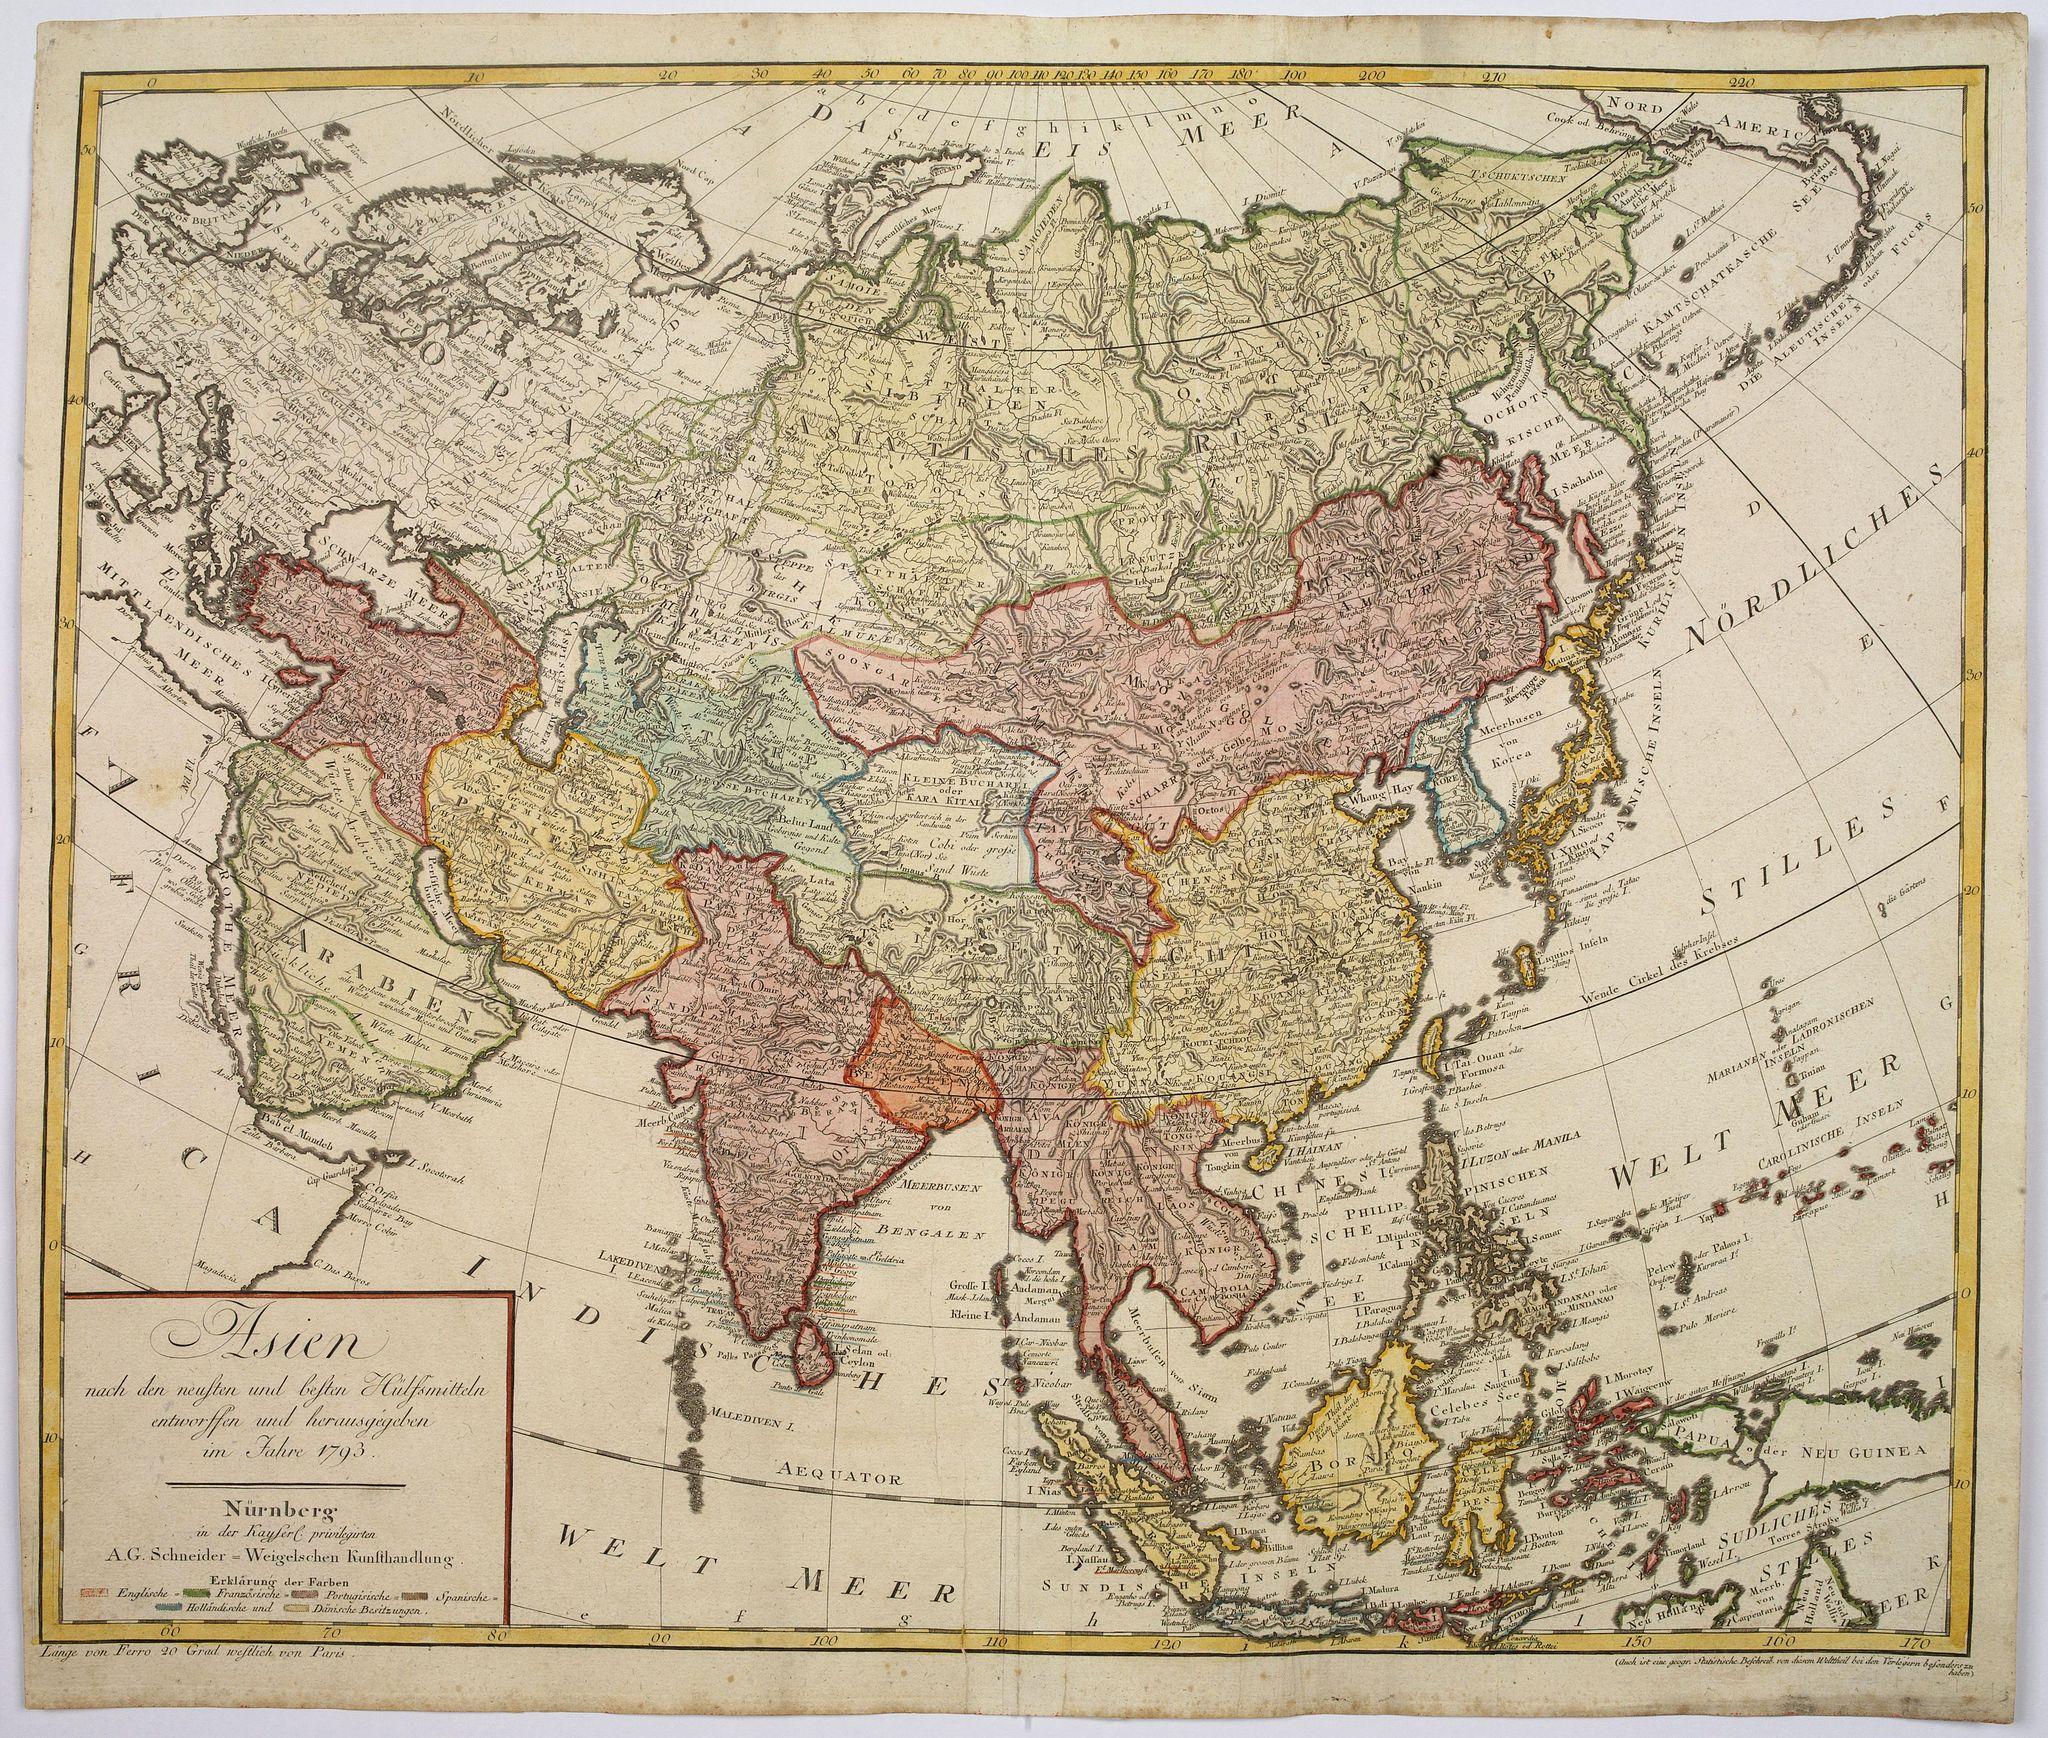 SCHNEIDER, A.G. - Asien nach den neusten und besten Hülfsmitteln entworffen und herausgegeben im Jahre 1793